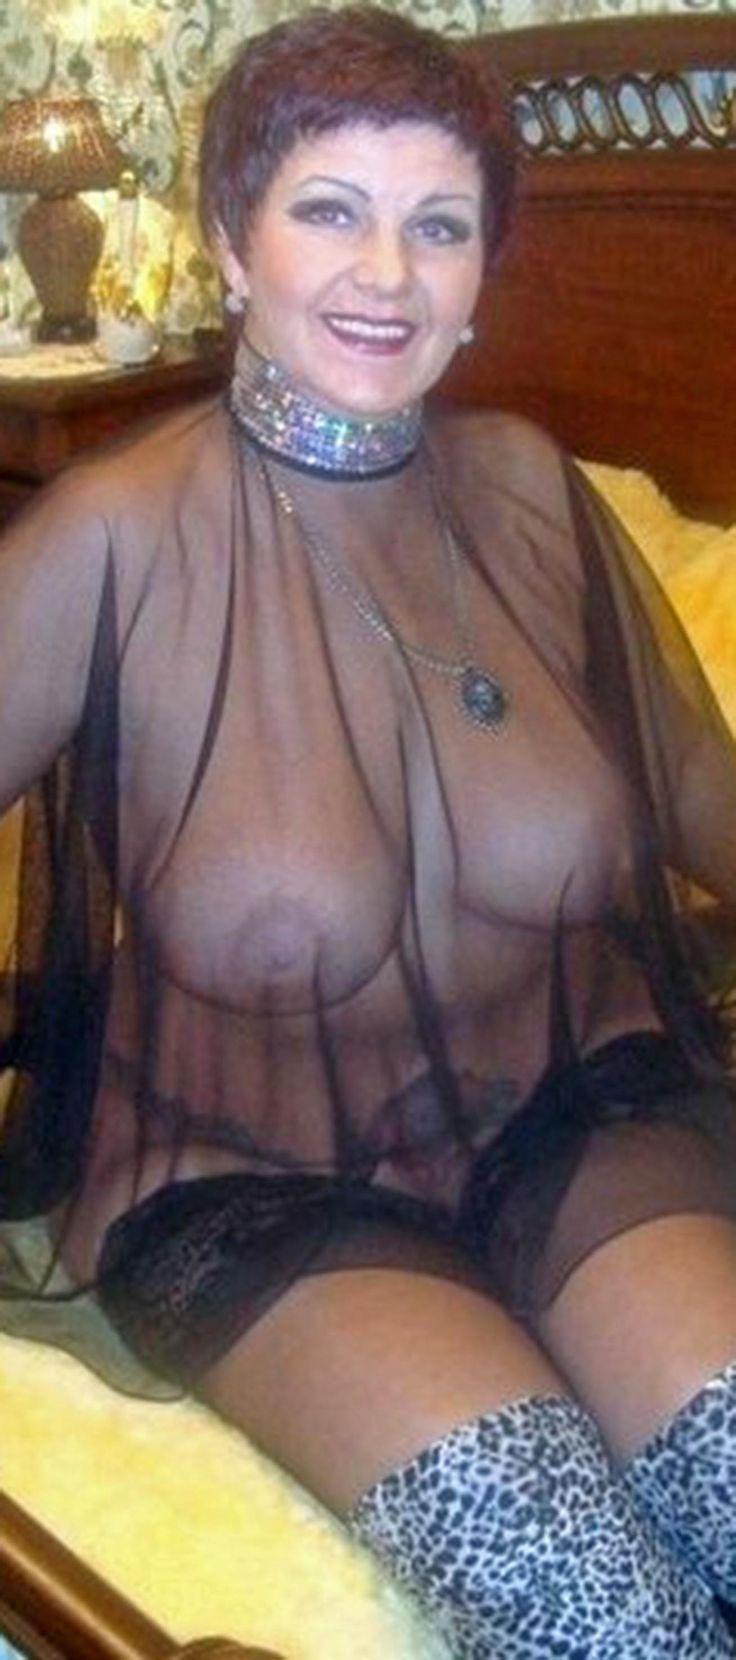 dennis nude quaid